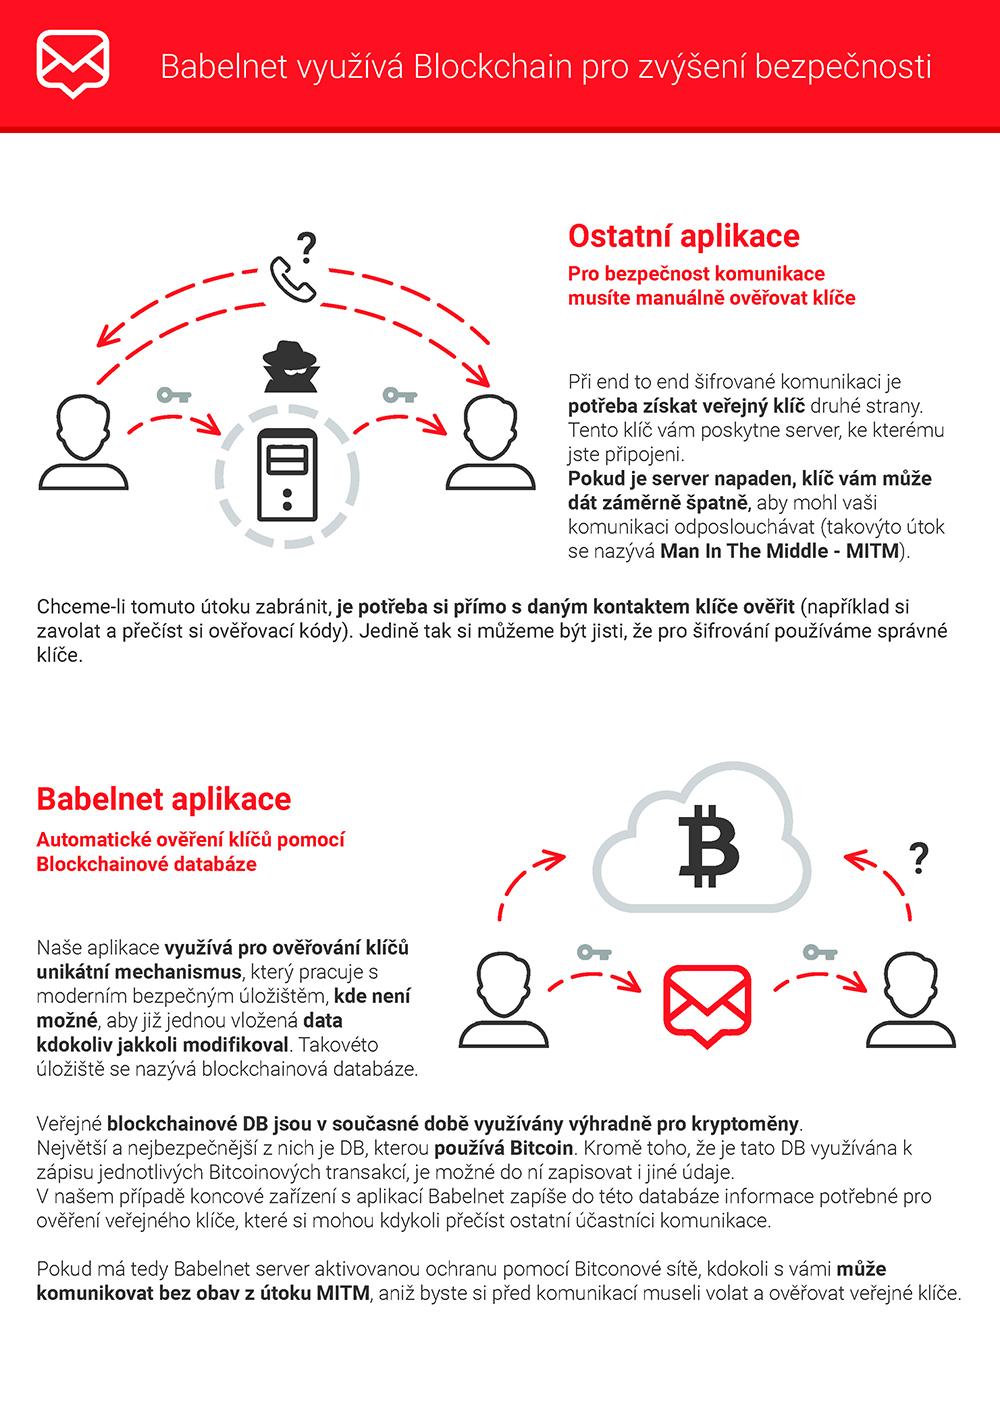 Babelnet Blockchain